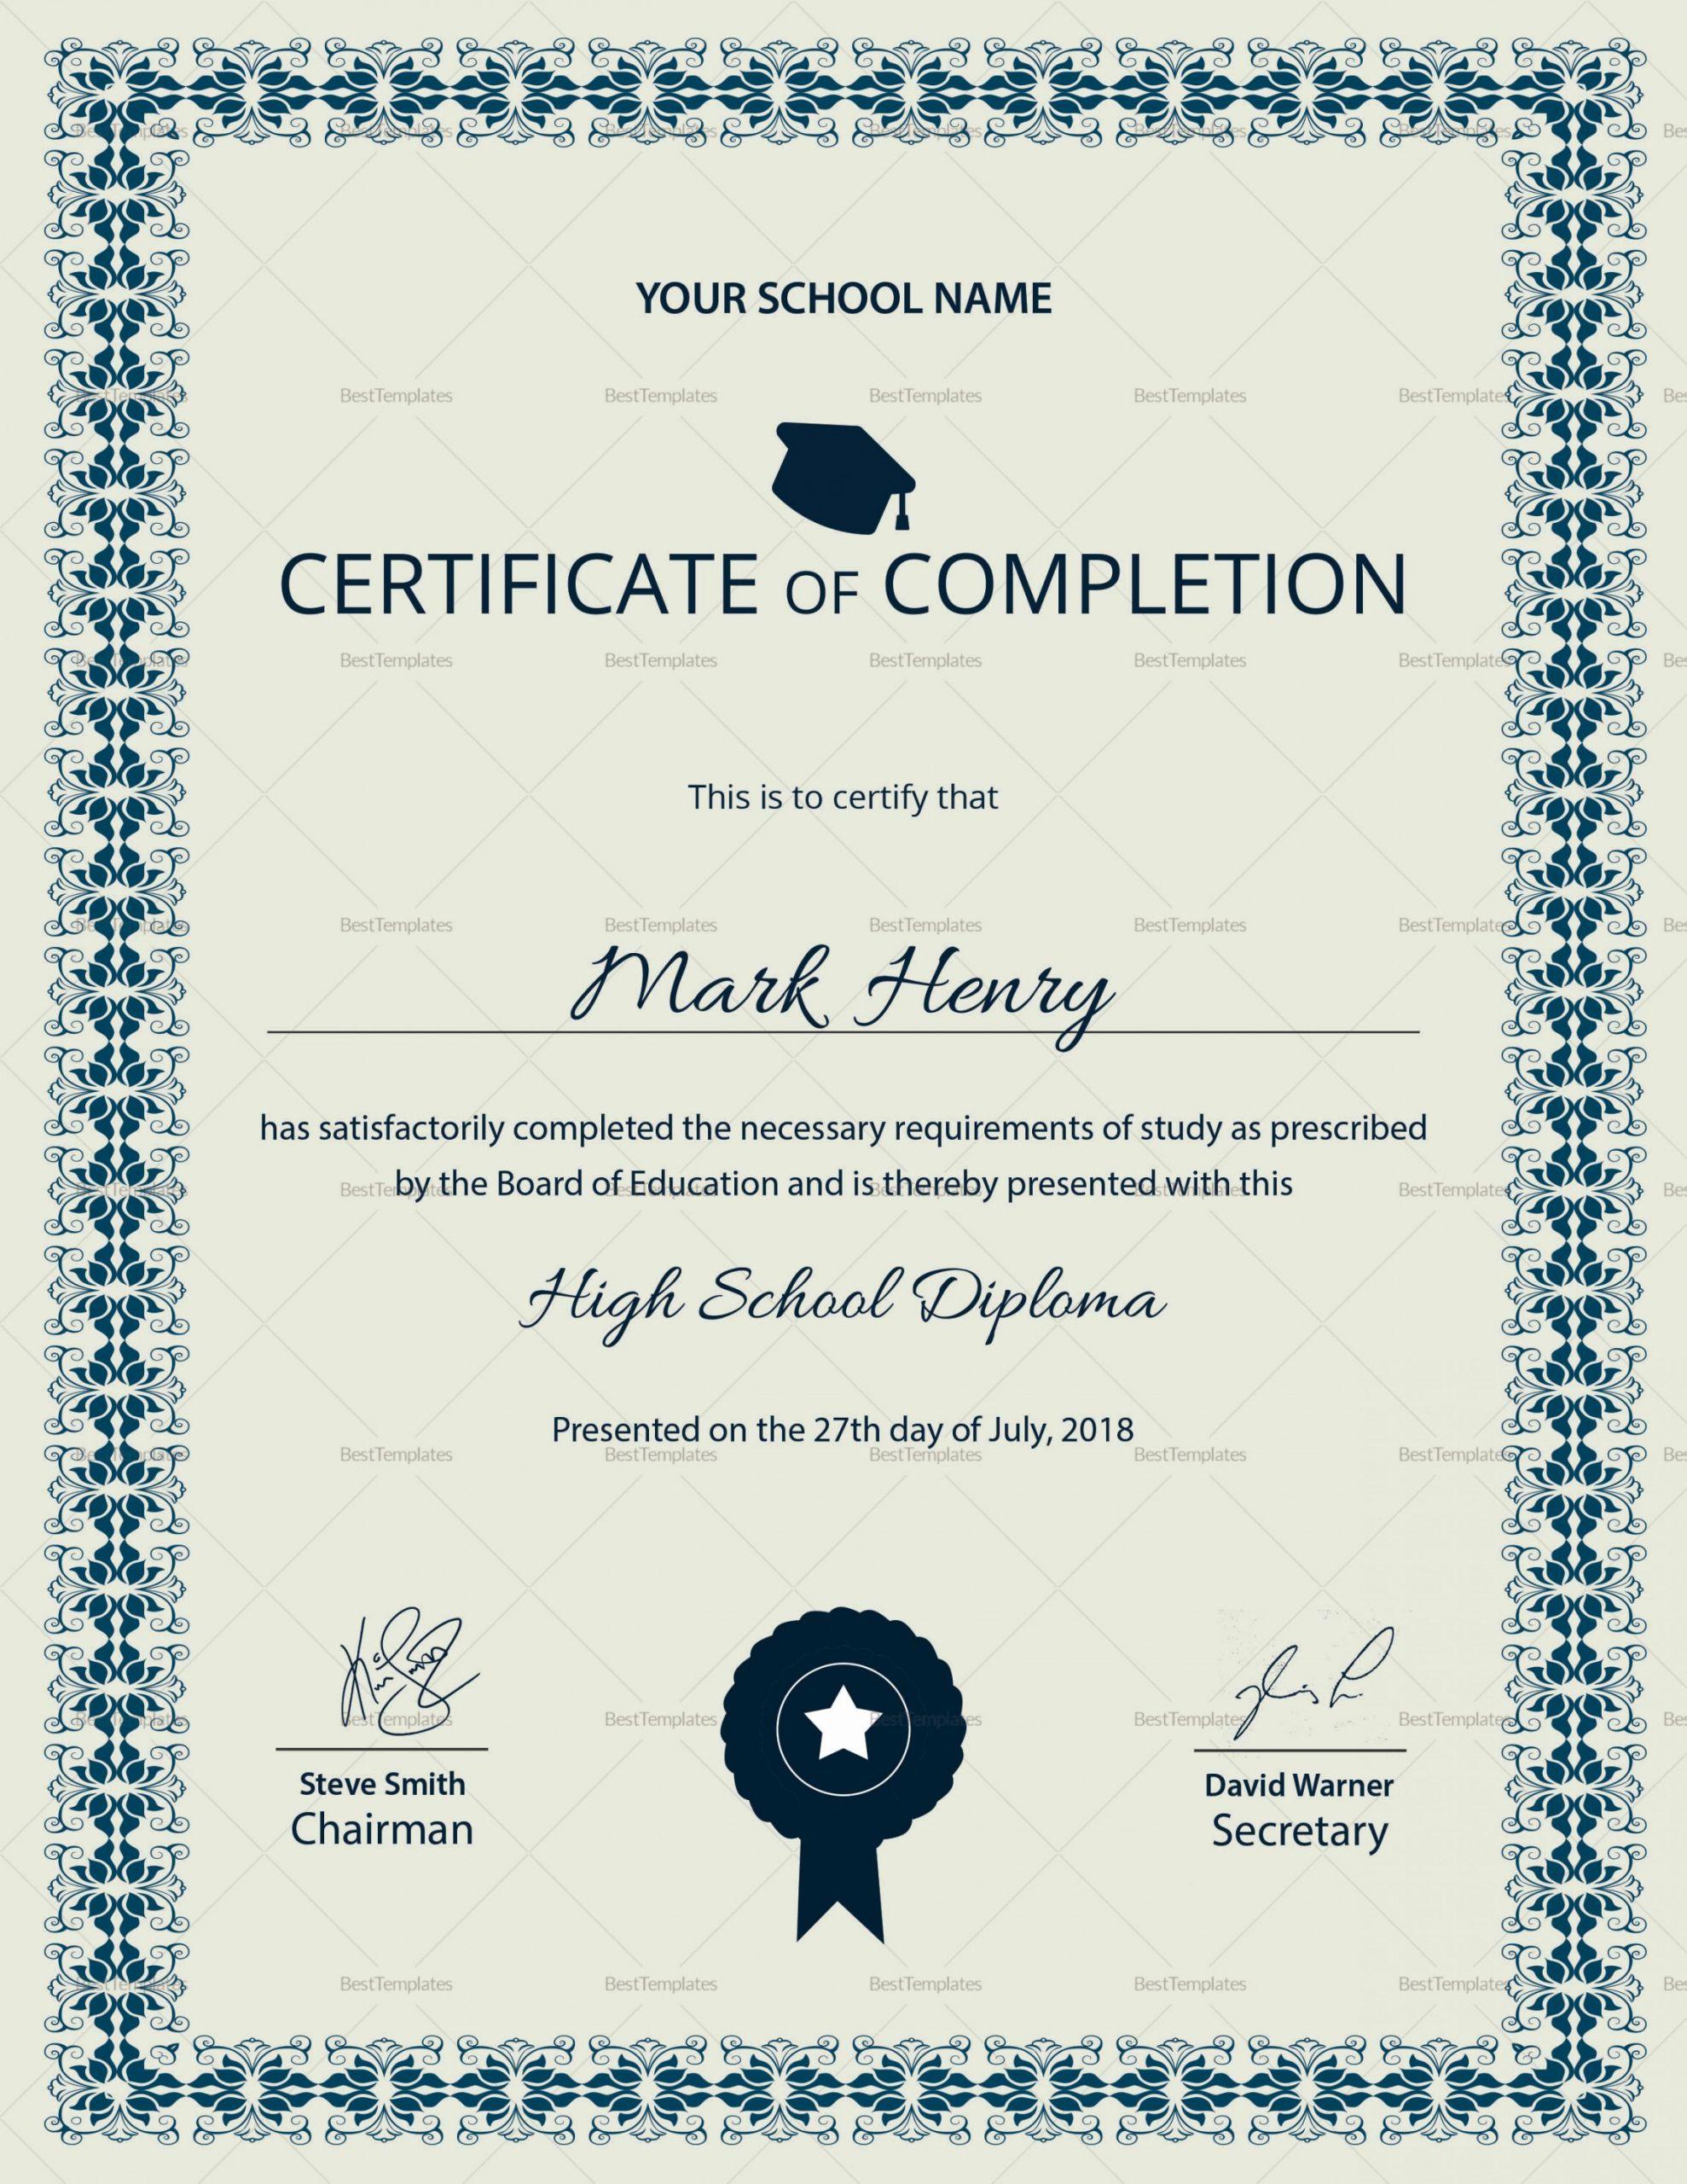 High School Certificate Template Inspirational High School Certificate Template